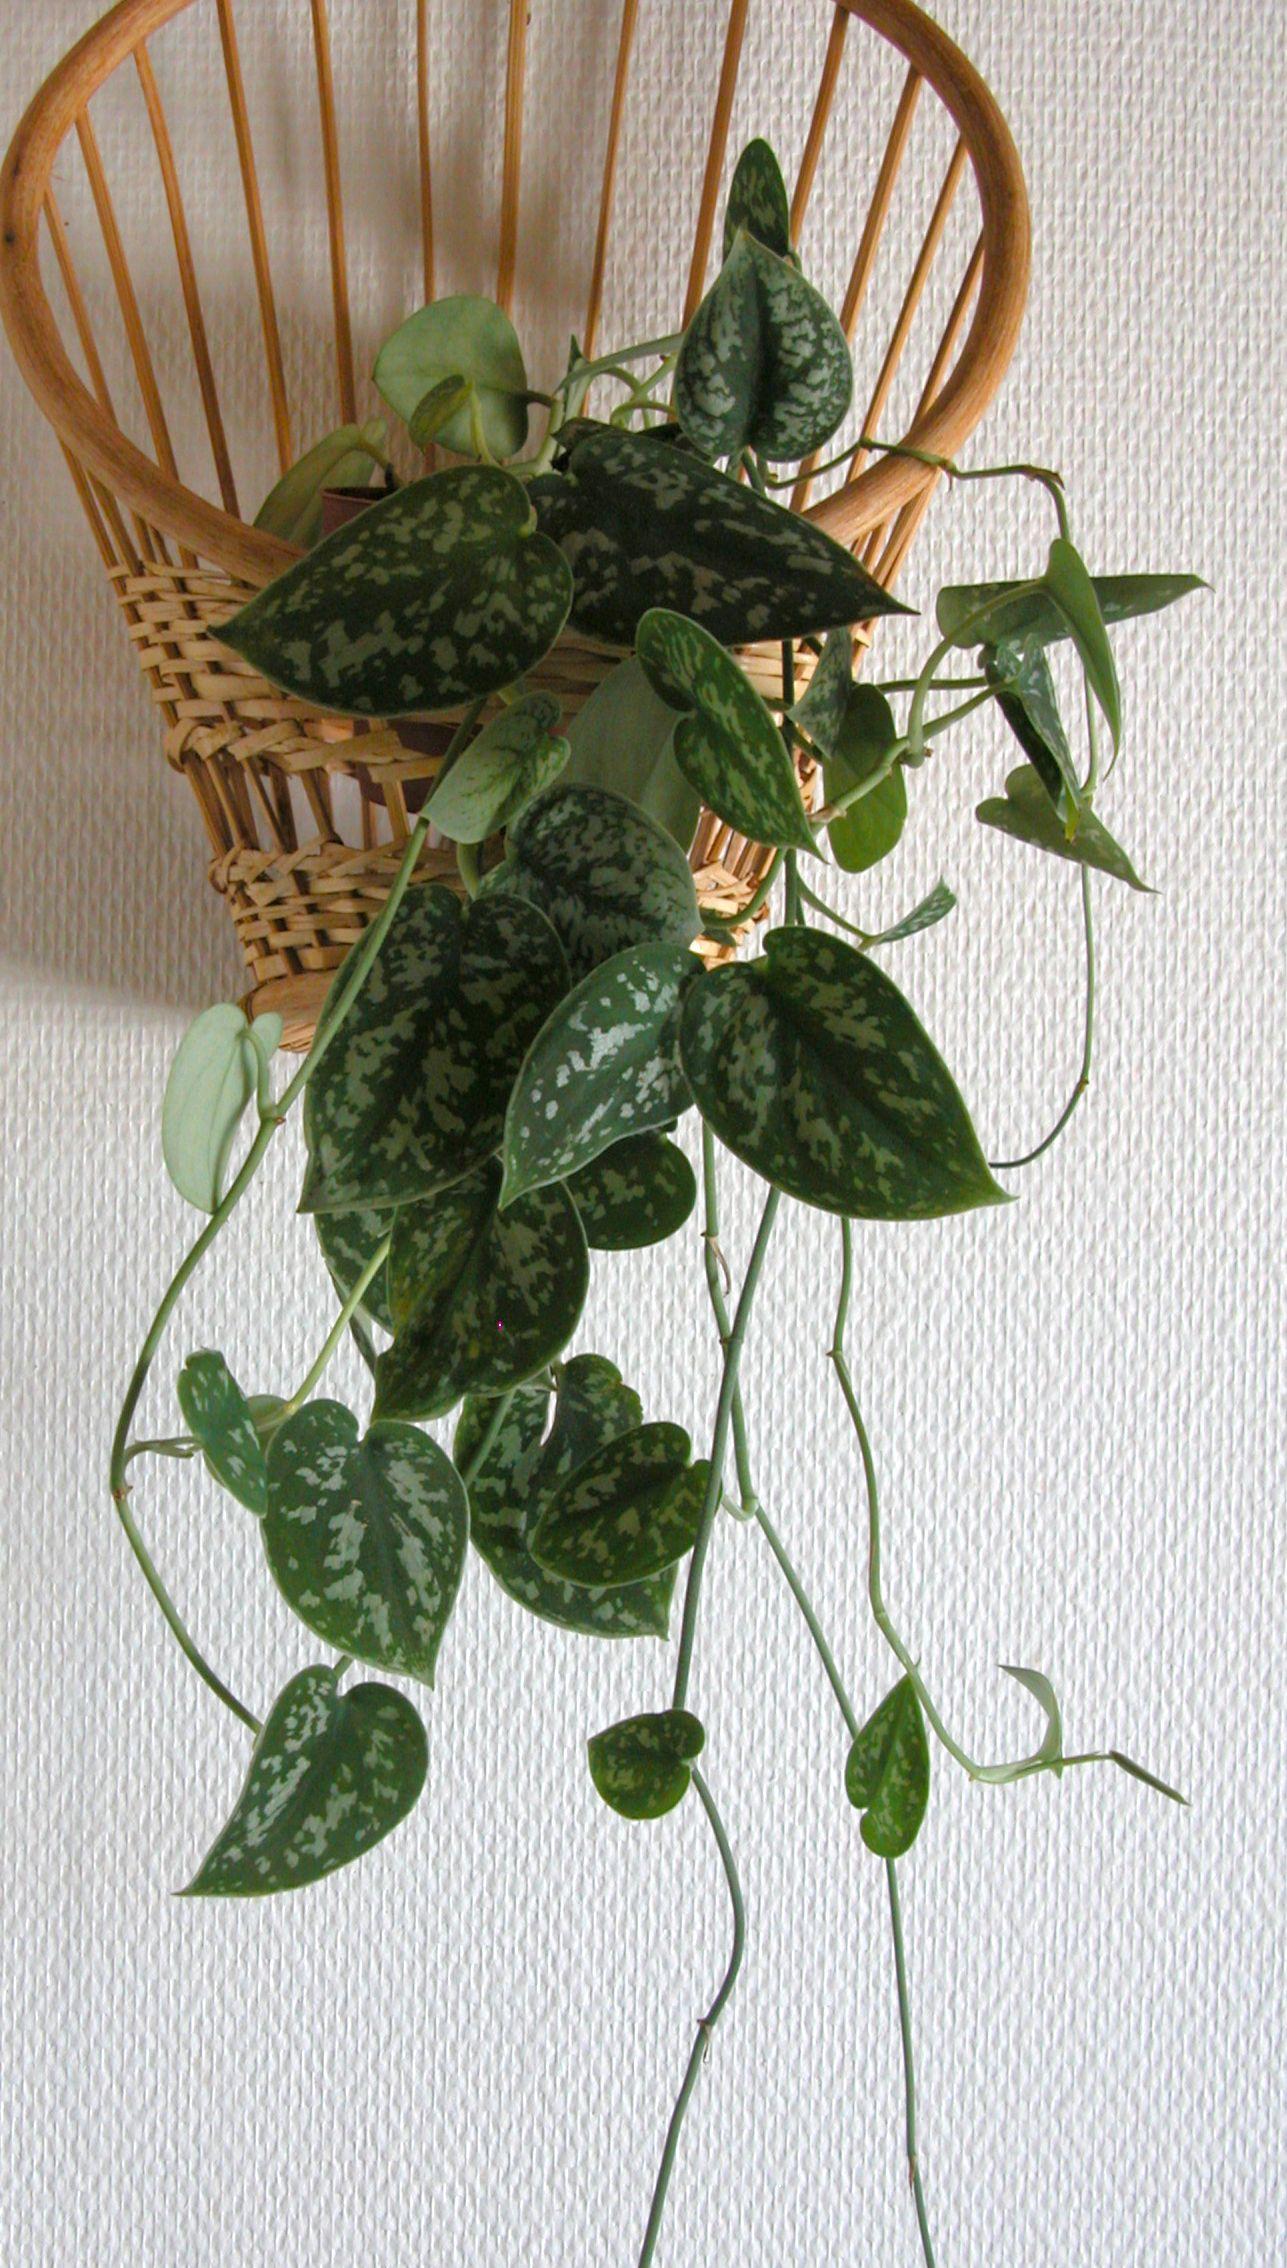 Tietoja kasvista Hopeaköynnös, Scindapsus pictus 'Argyraeus', silverranka. Hopeaköynnös köynnöstelee kiipimäjuurensa avulla. Amppelissa sen juuret eivät pääse multaan, jolloin se voi kitua.<br> Voi aiheuttaa paikallisia ärsytysoireita.